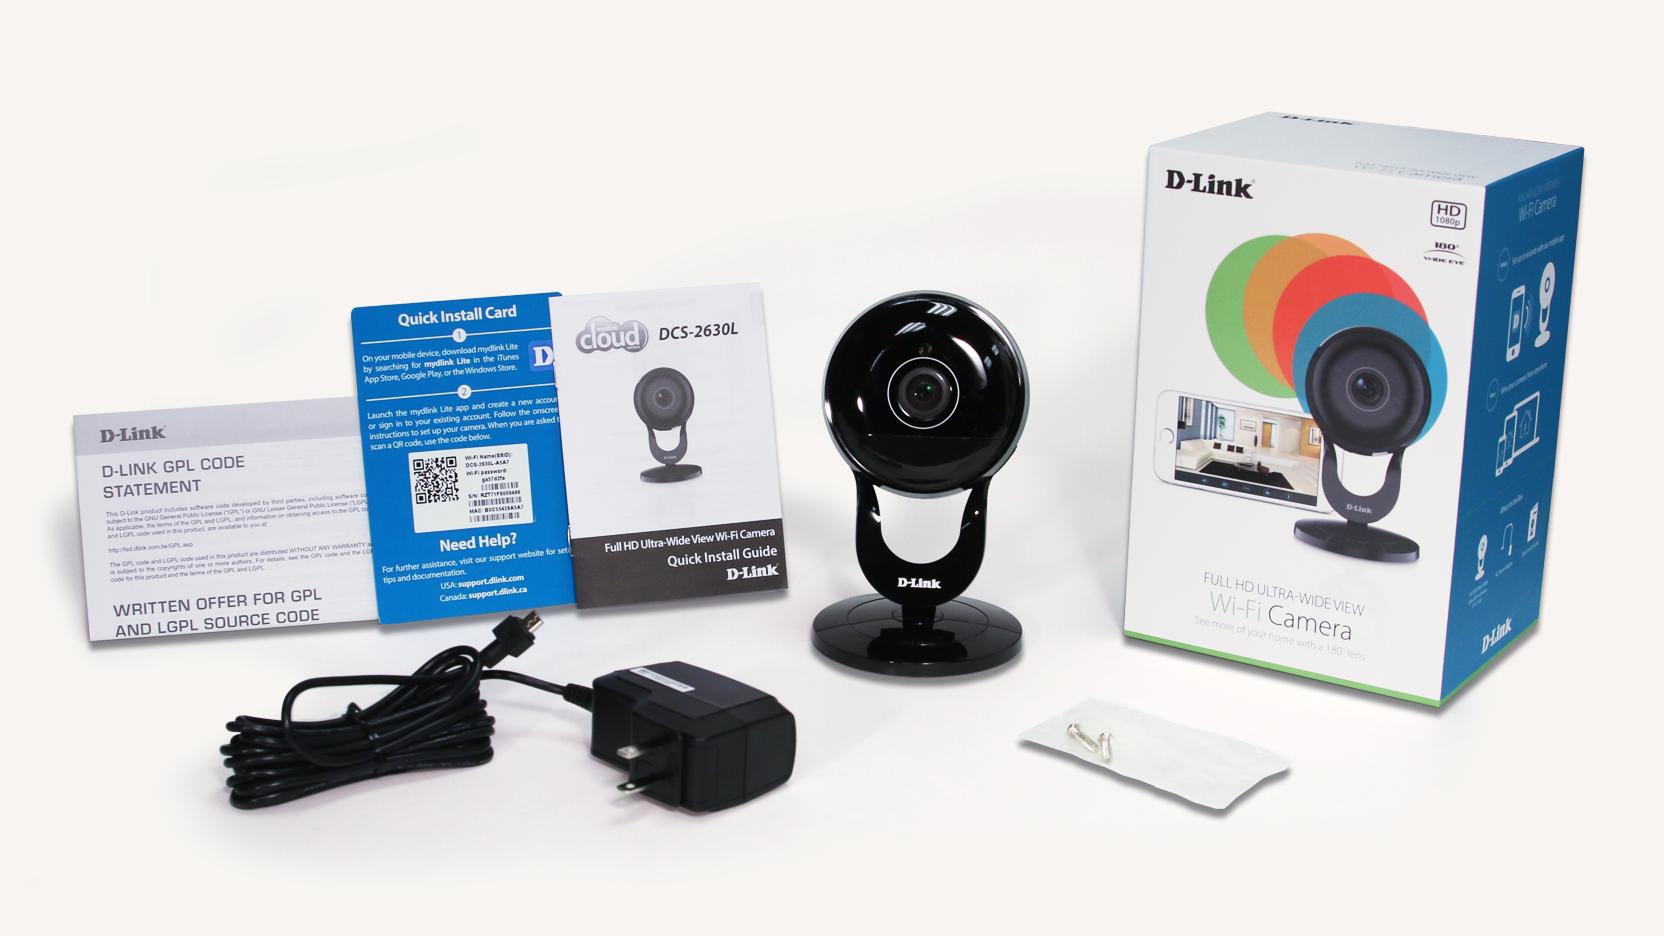 Full Hd 180 Degree Wi Fi Camera Dcs 2630l D Link Ip W 15 In The Box